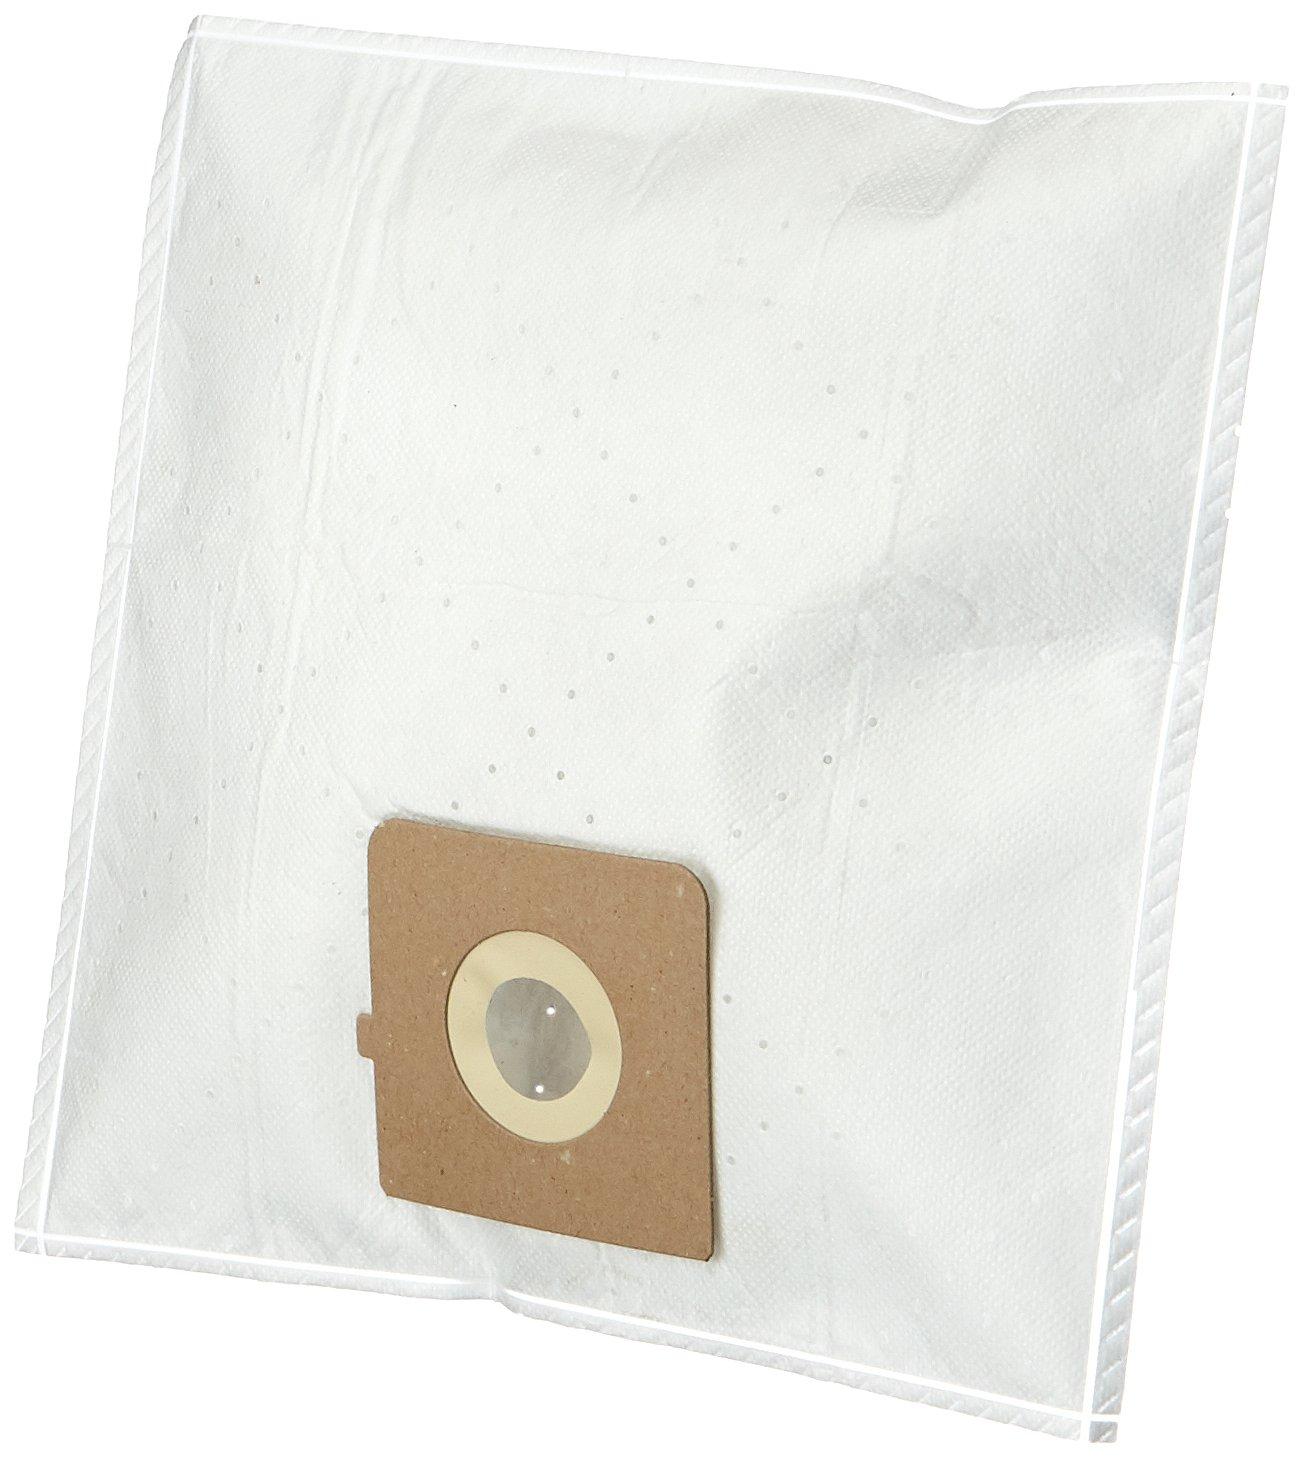 Acquisto AmazonBasics - Sacchetti per aspirapolvere, tipo: R11, con controllo degli odori, per Rowenta/Moulinex, confezione da 4 Prezzo offerta